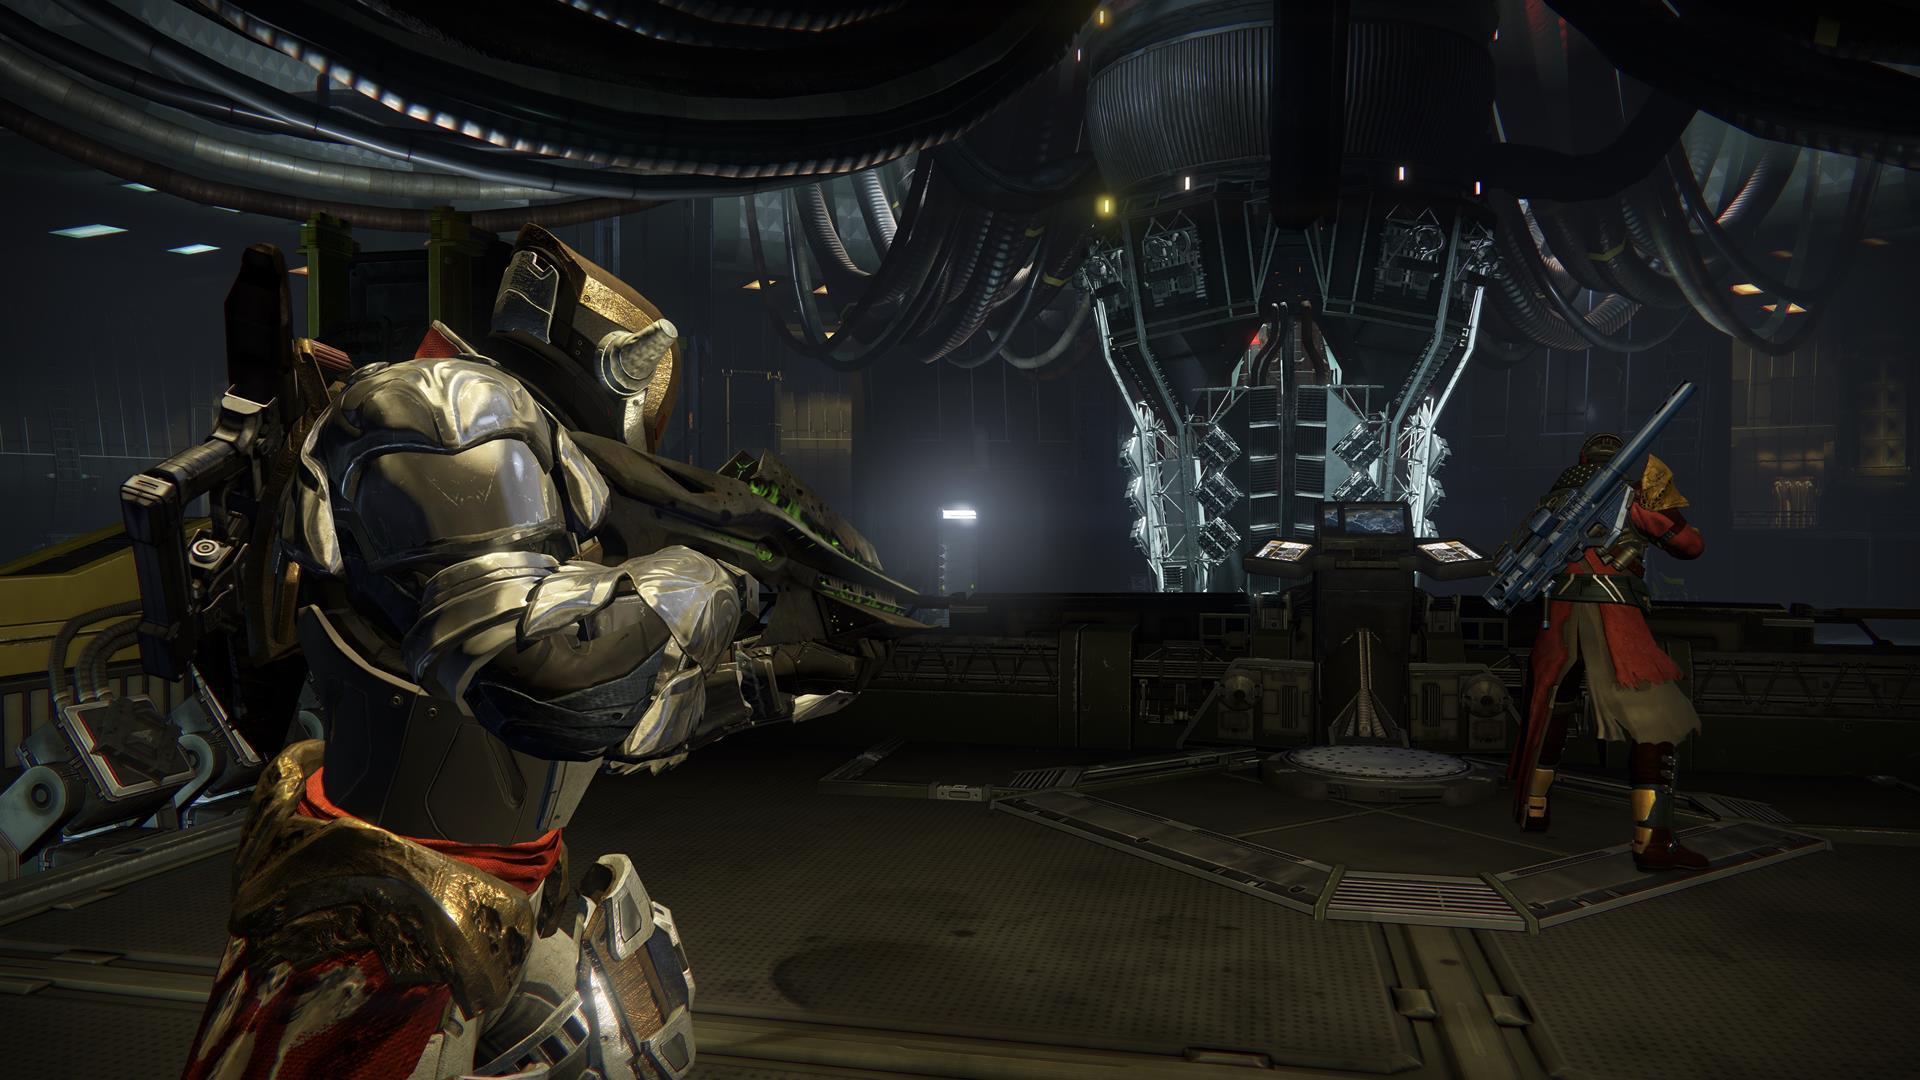 Destiny-The-Dark-Below-Siege-of-the-Warmind-Quest